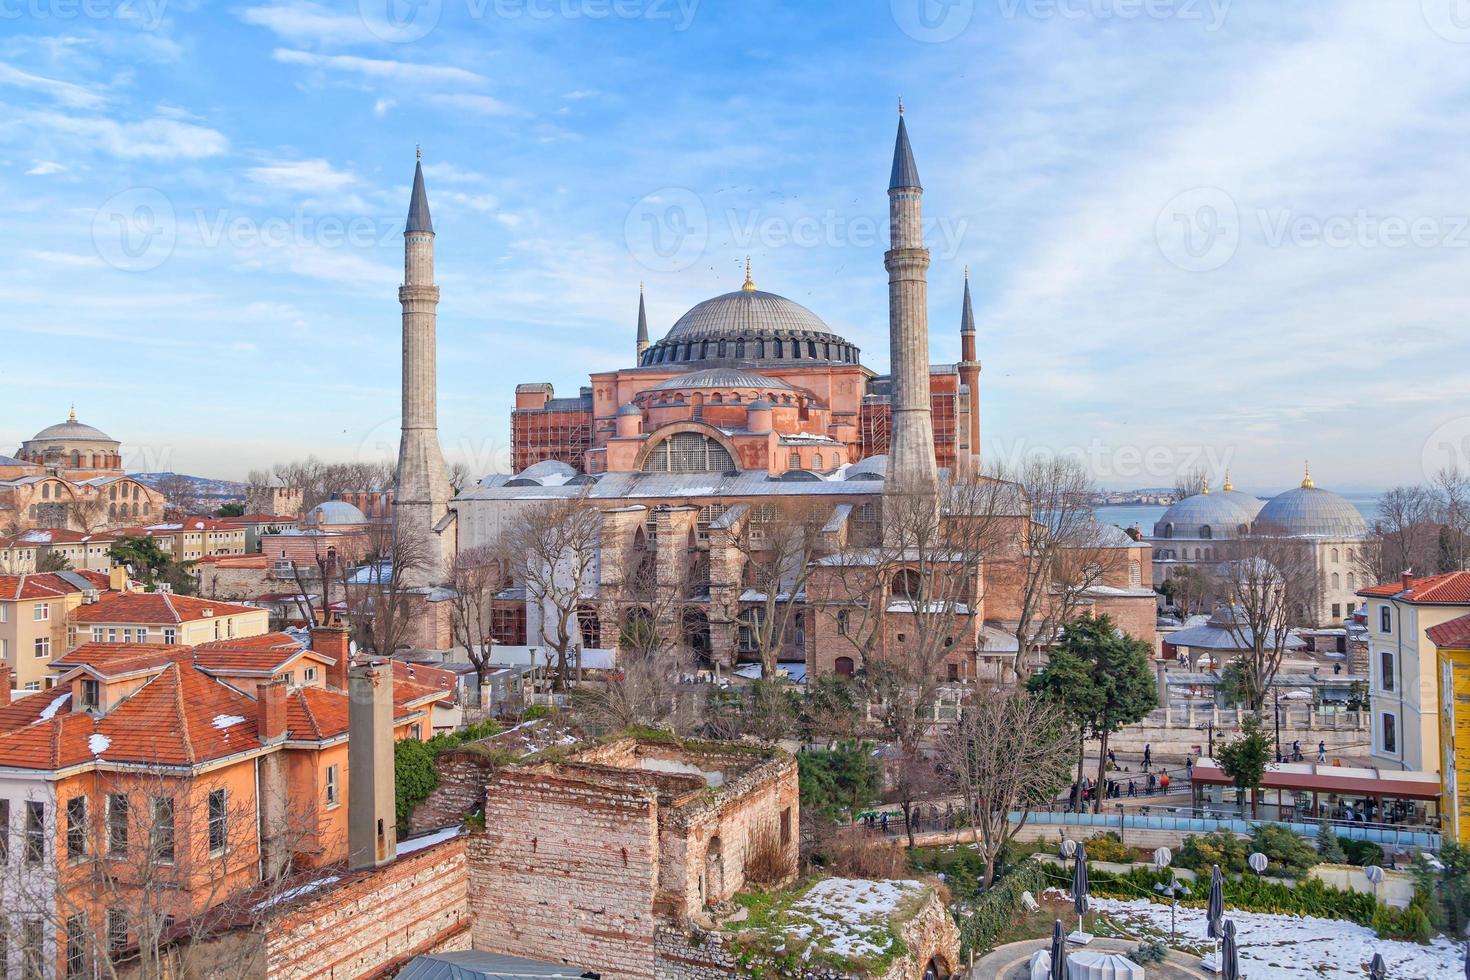 Hagia Sophia in winter evening photo